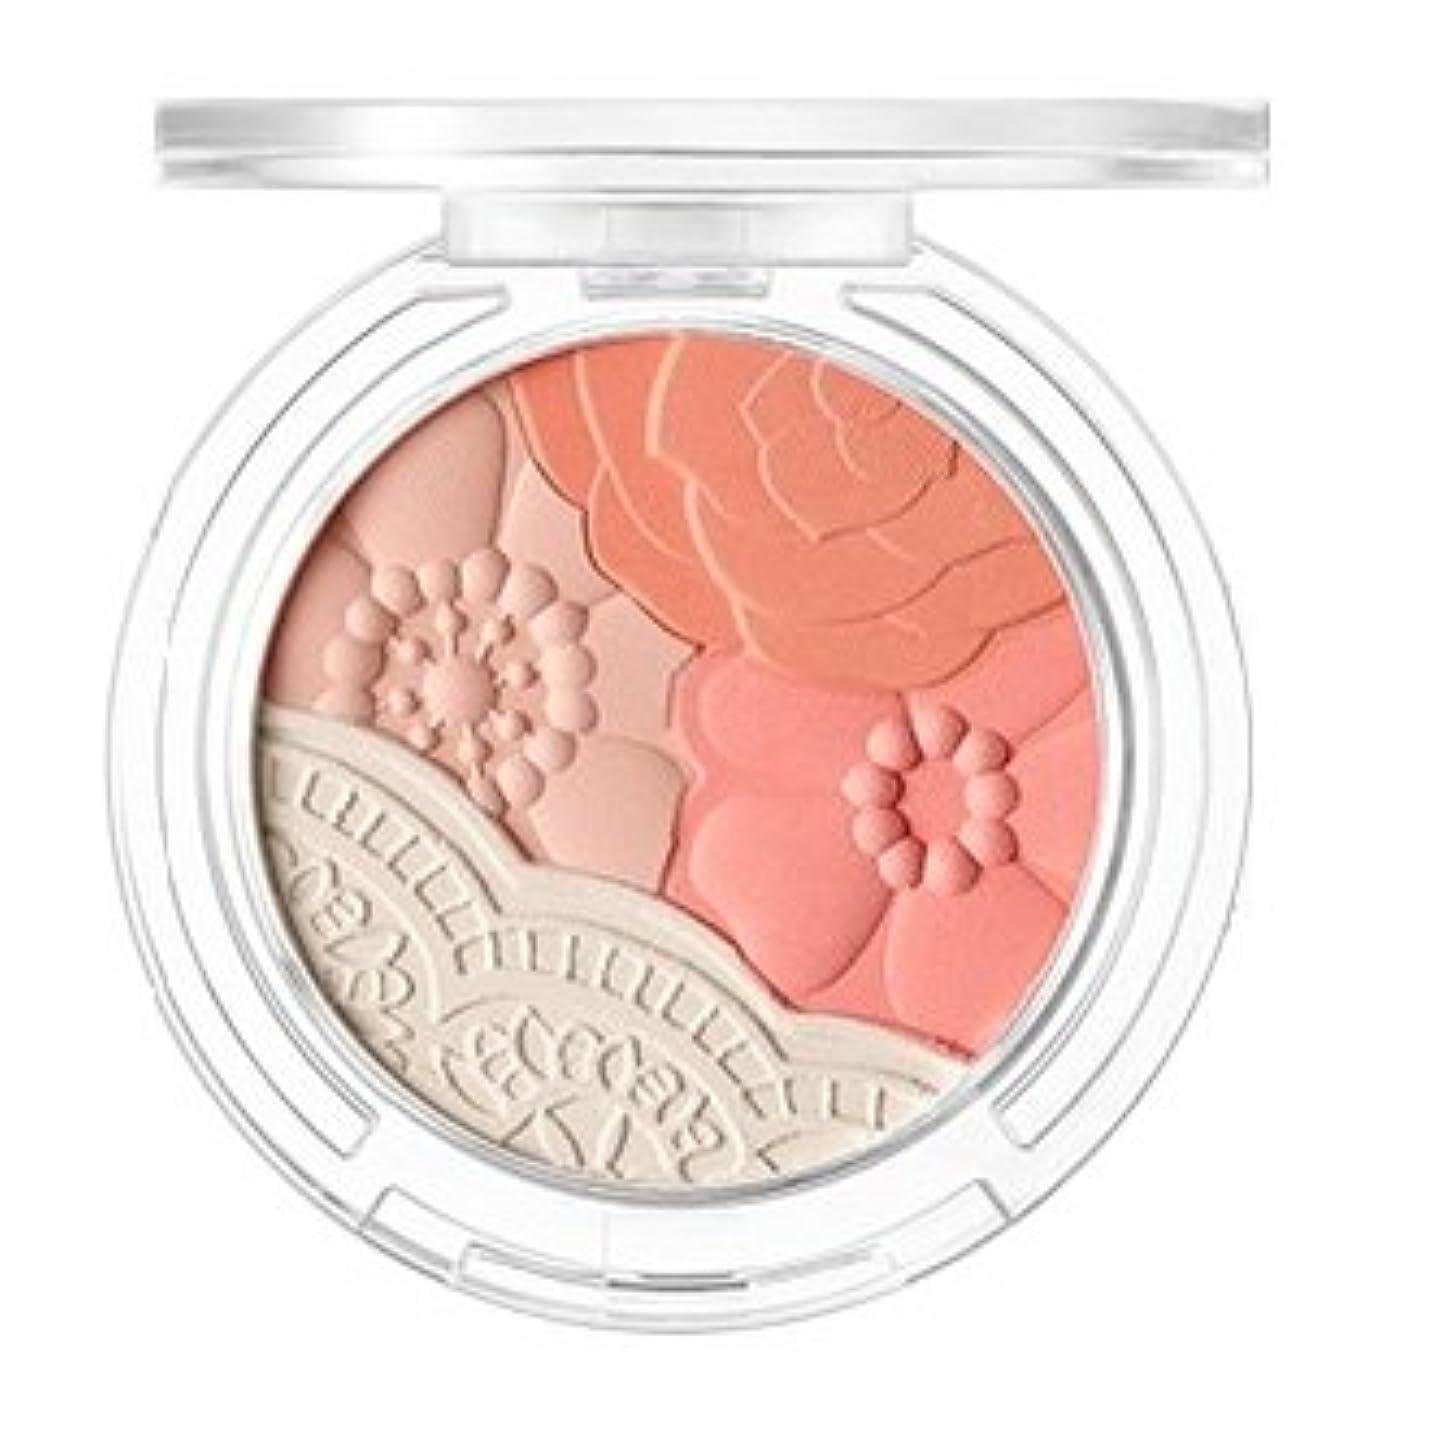 燃やす真向こうレオナルドダTONYMOLY Crystal Lace Blusher S/S (02 Daisy Coral) / トニーモリー クリスタルレースブラッシャー [並行輸入品]